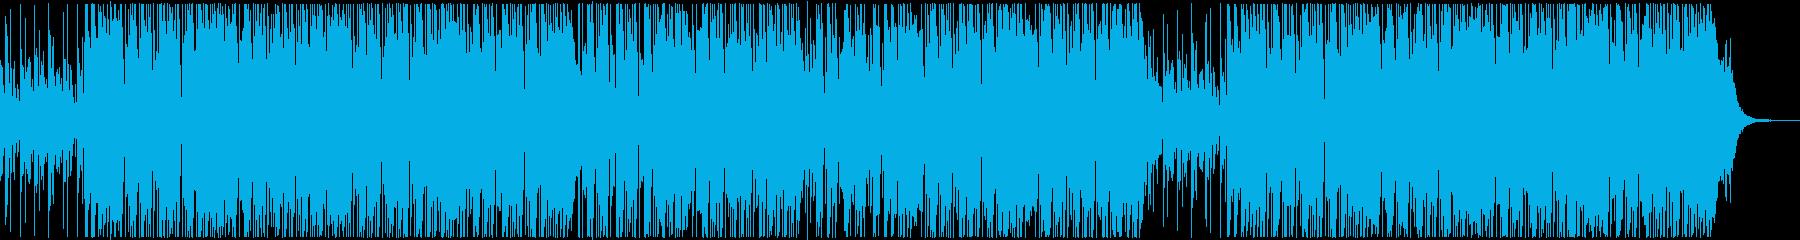 ディキシーランド ラグタイム ポッ...の再生済みの波形